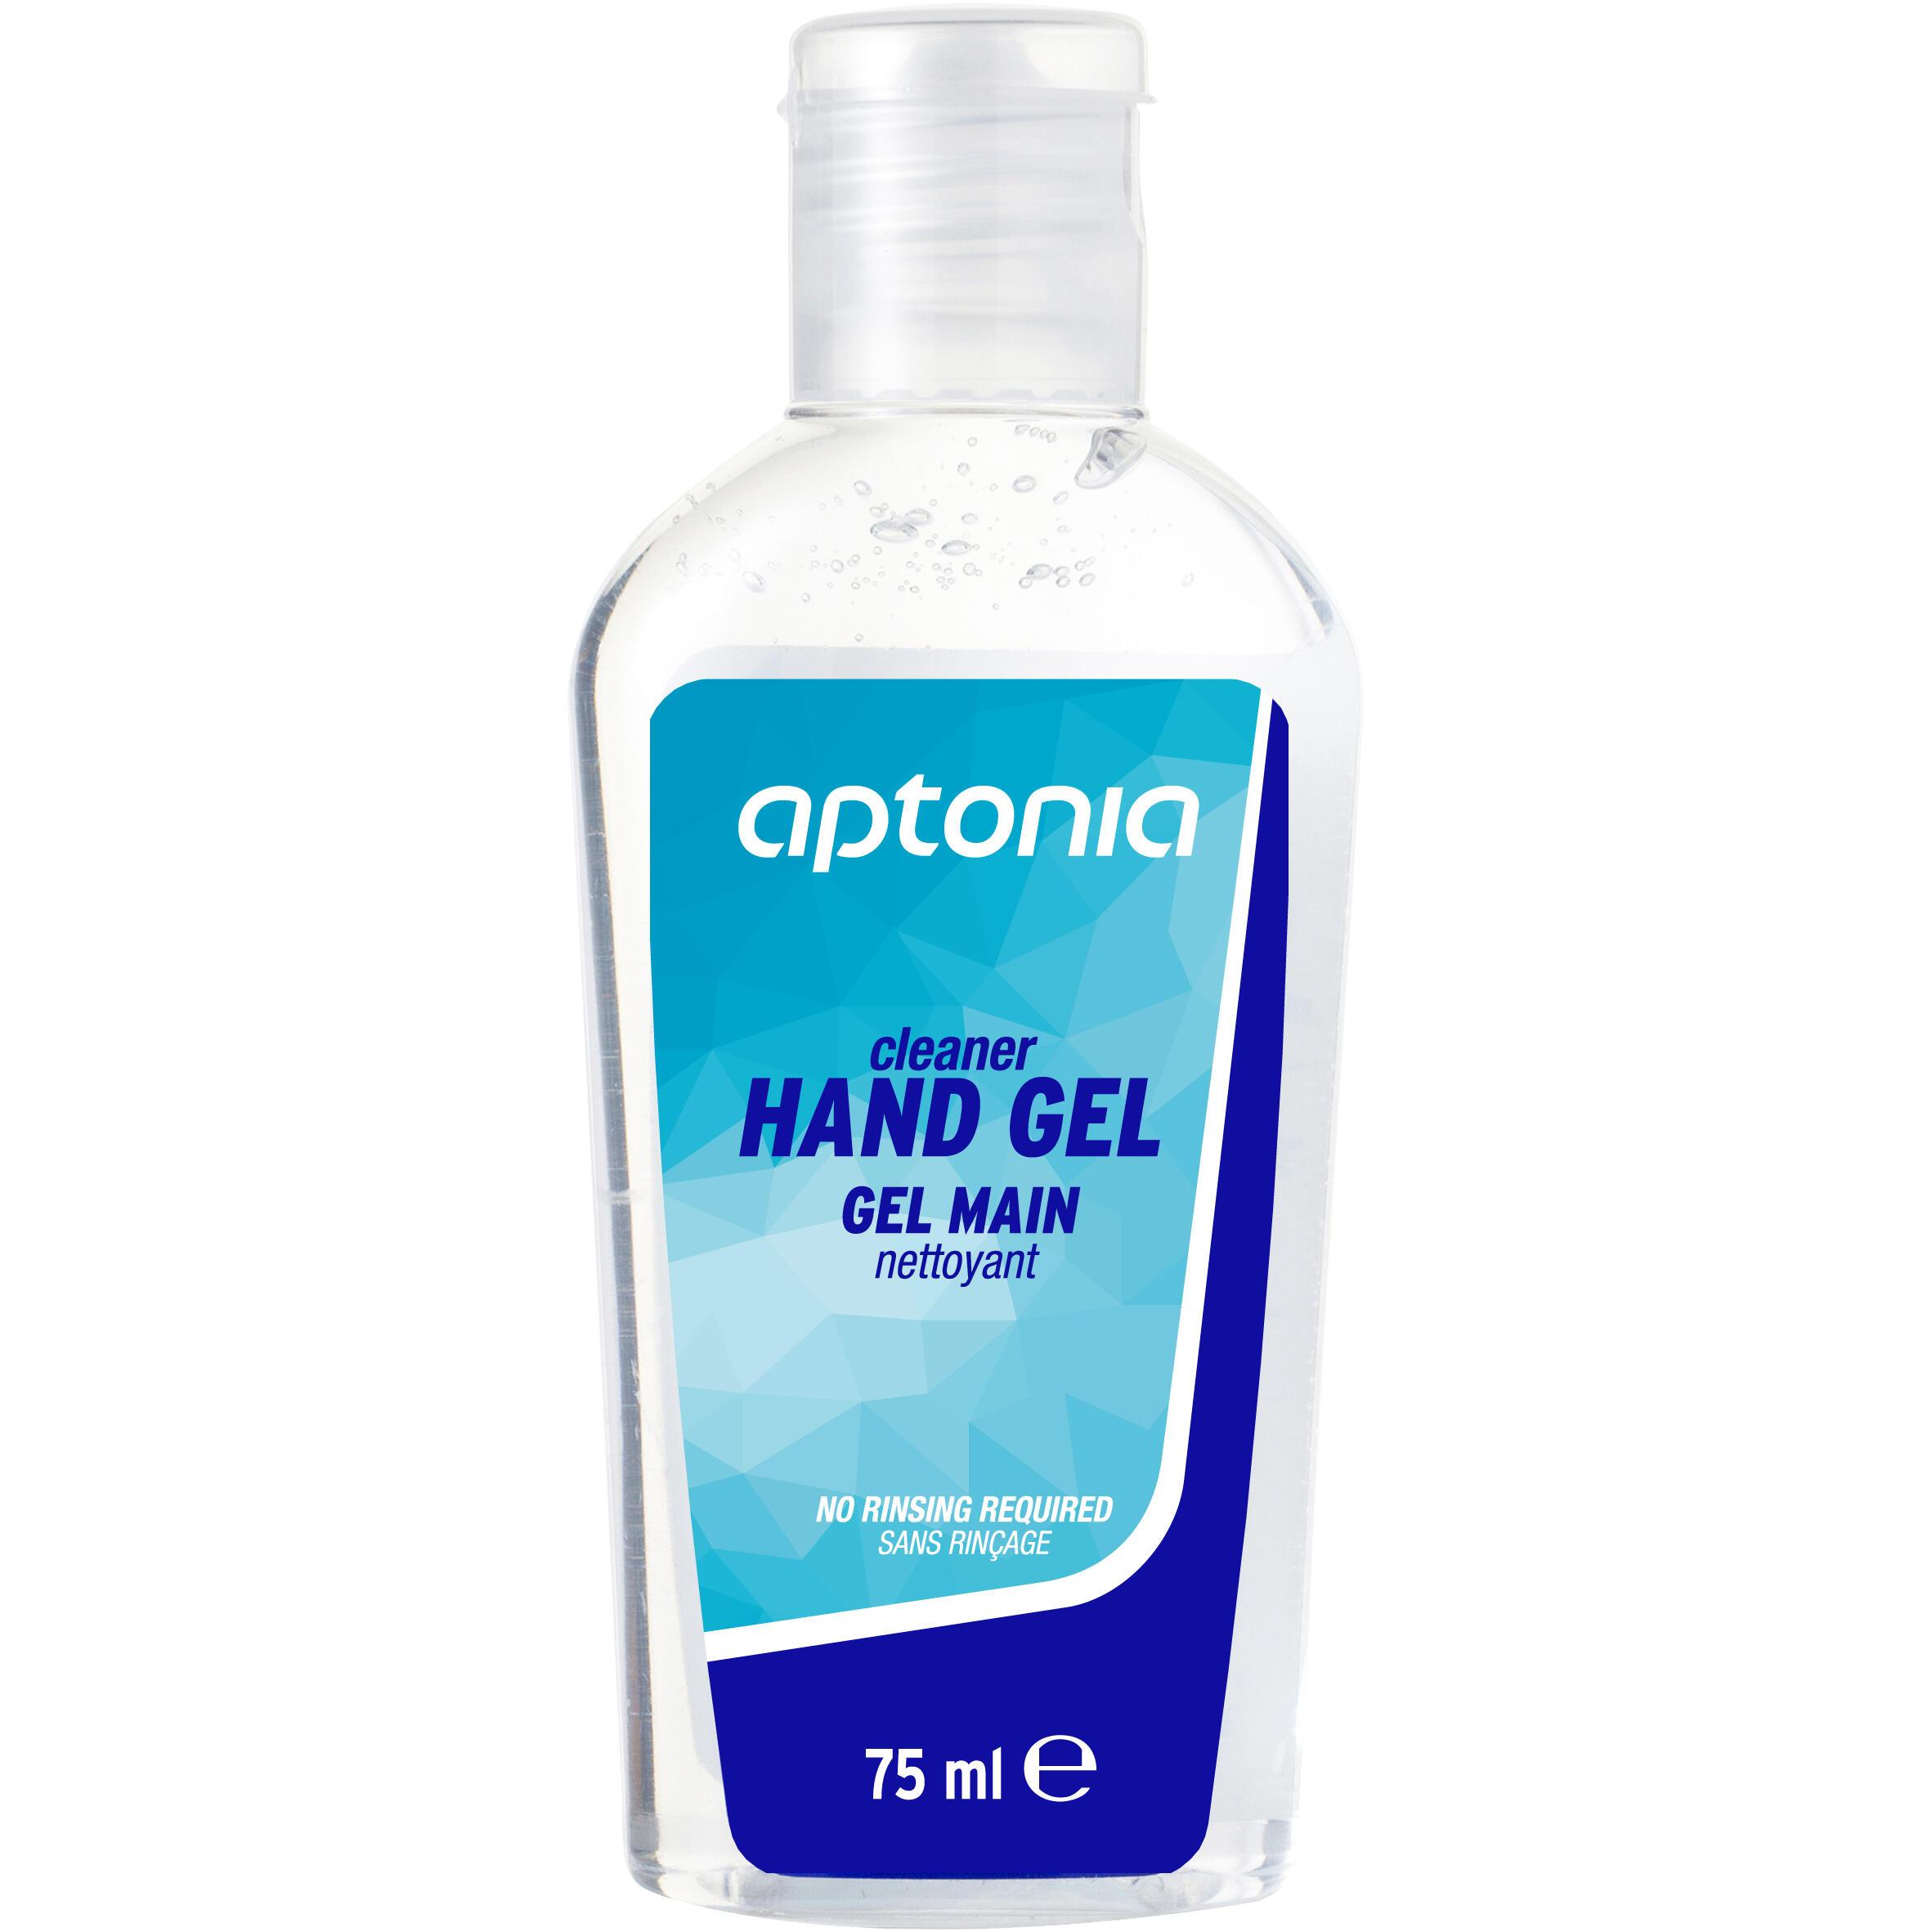 Aptonia Handgel hydroalcoholisch 75 ml